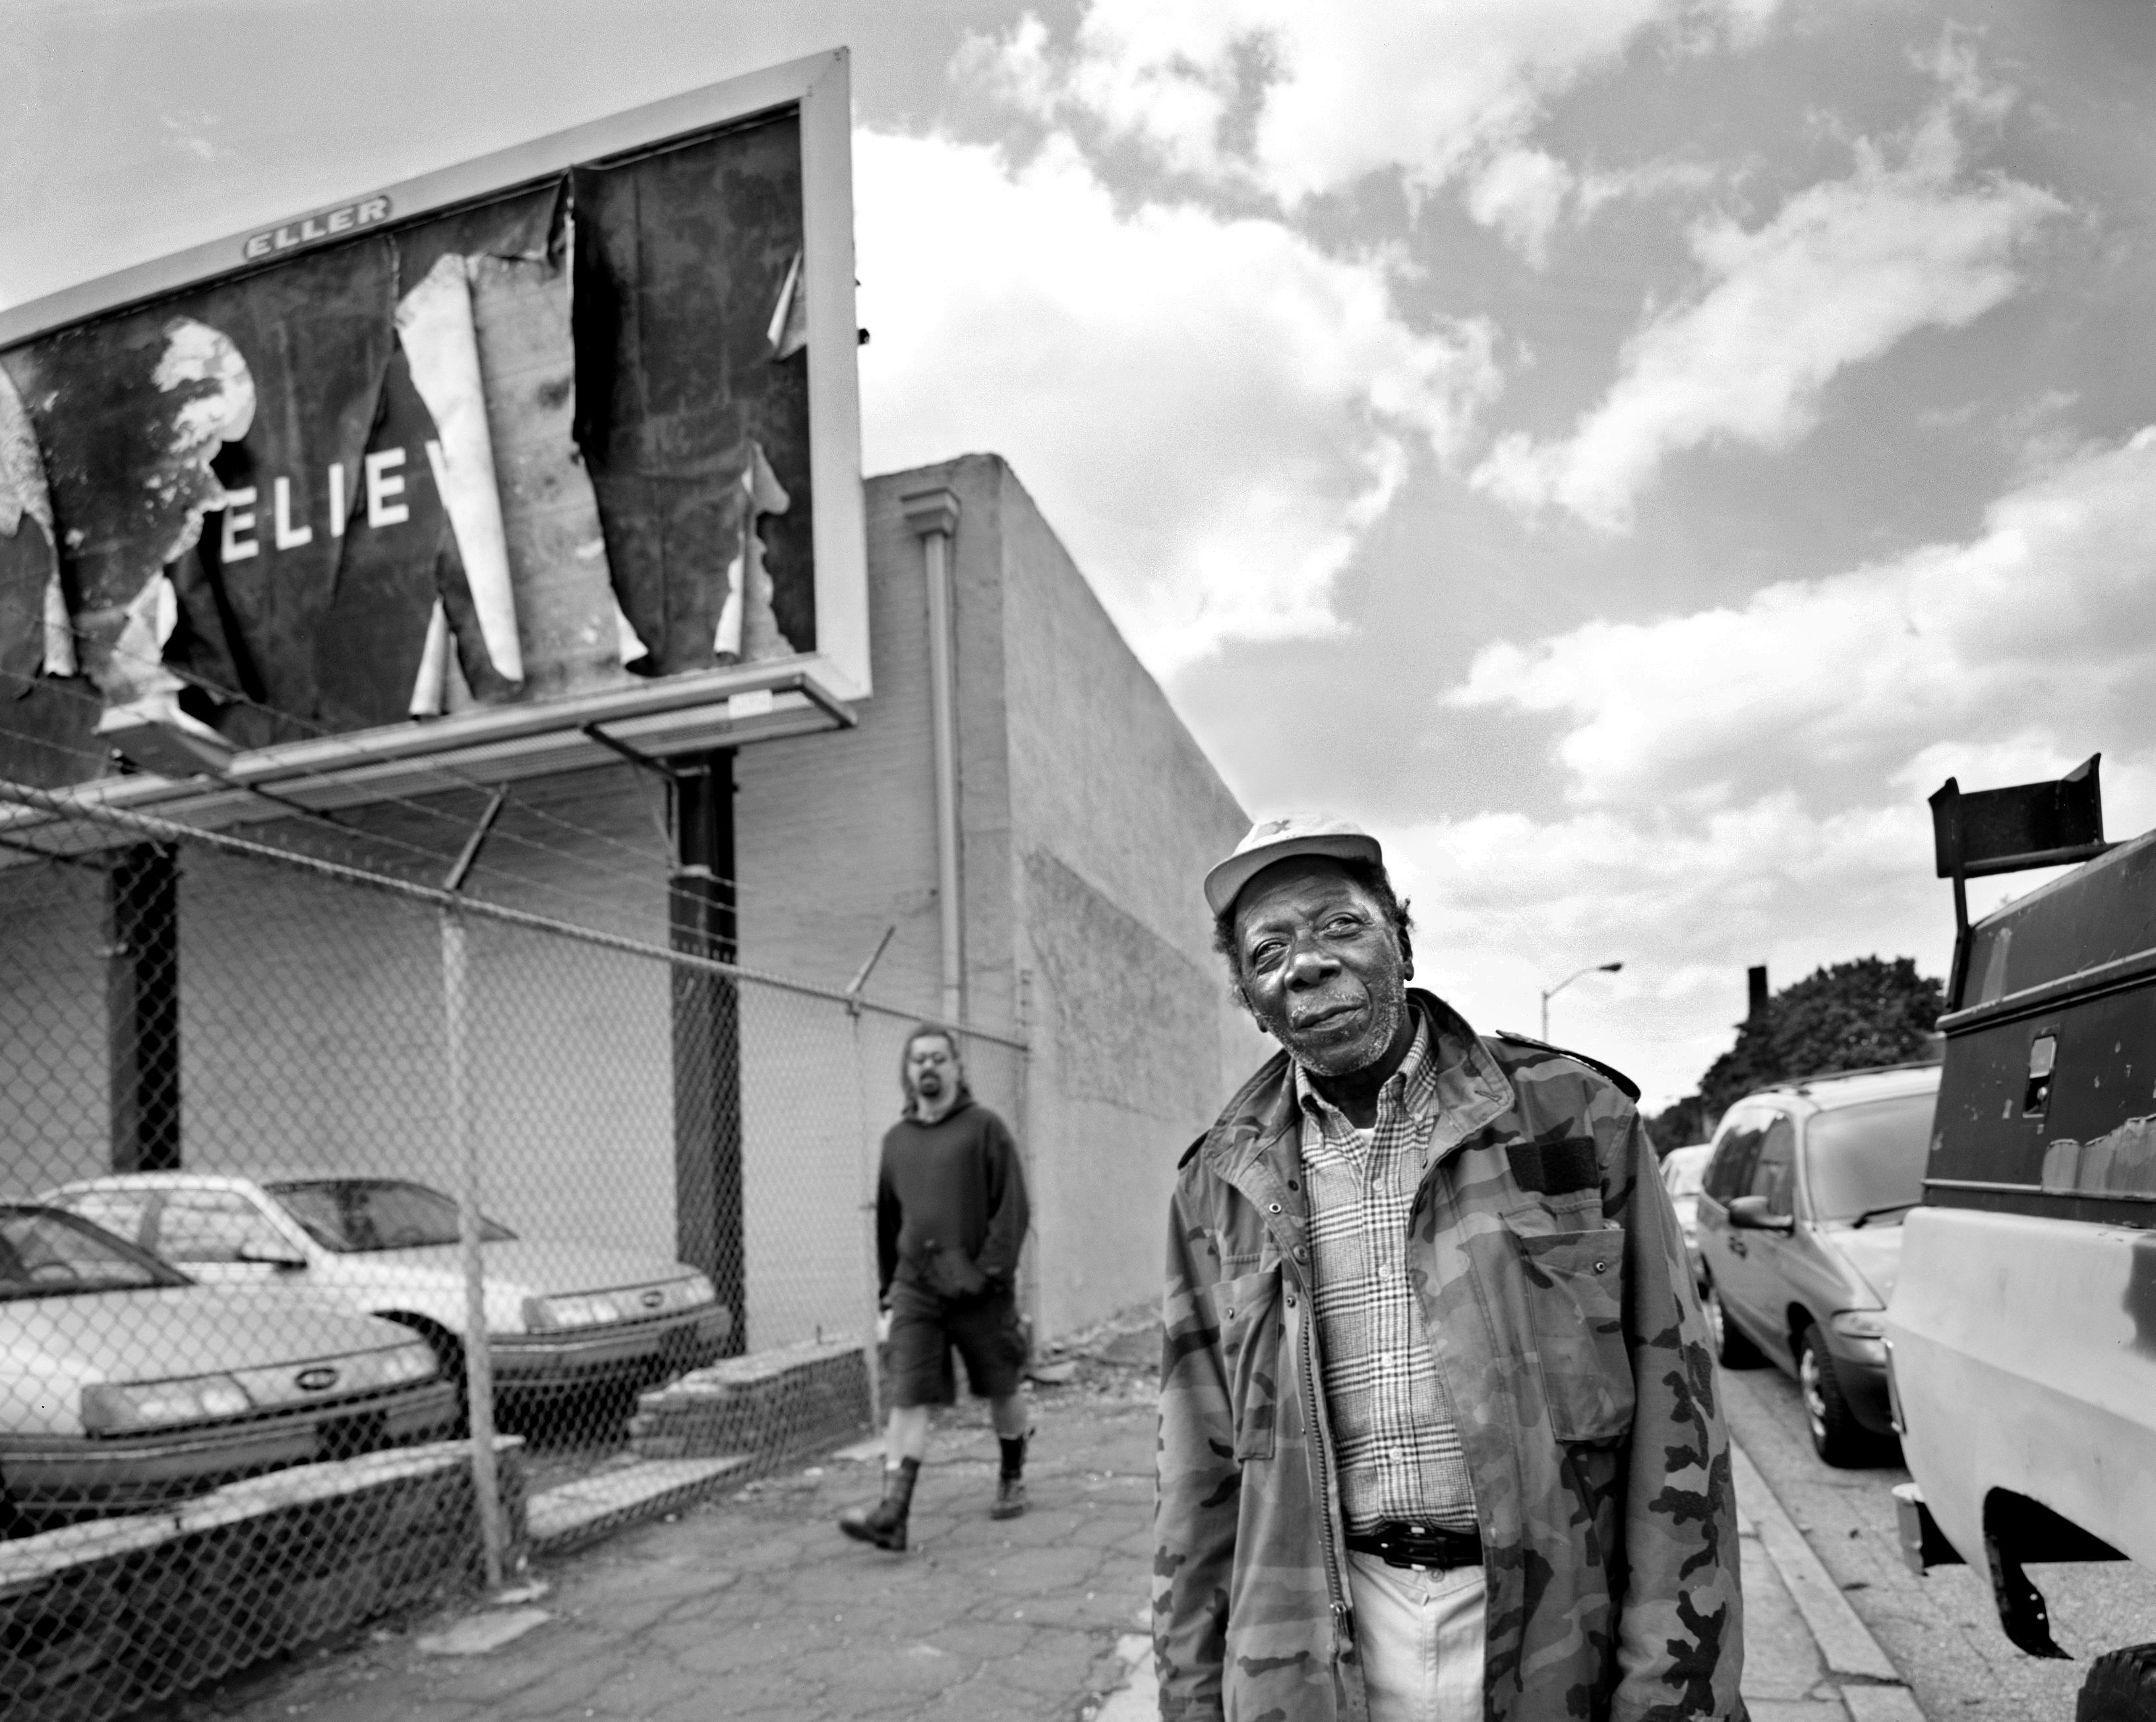 Retrospective: Baltimore's 'Believe' billboards